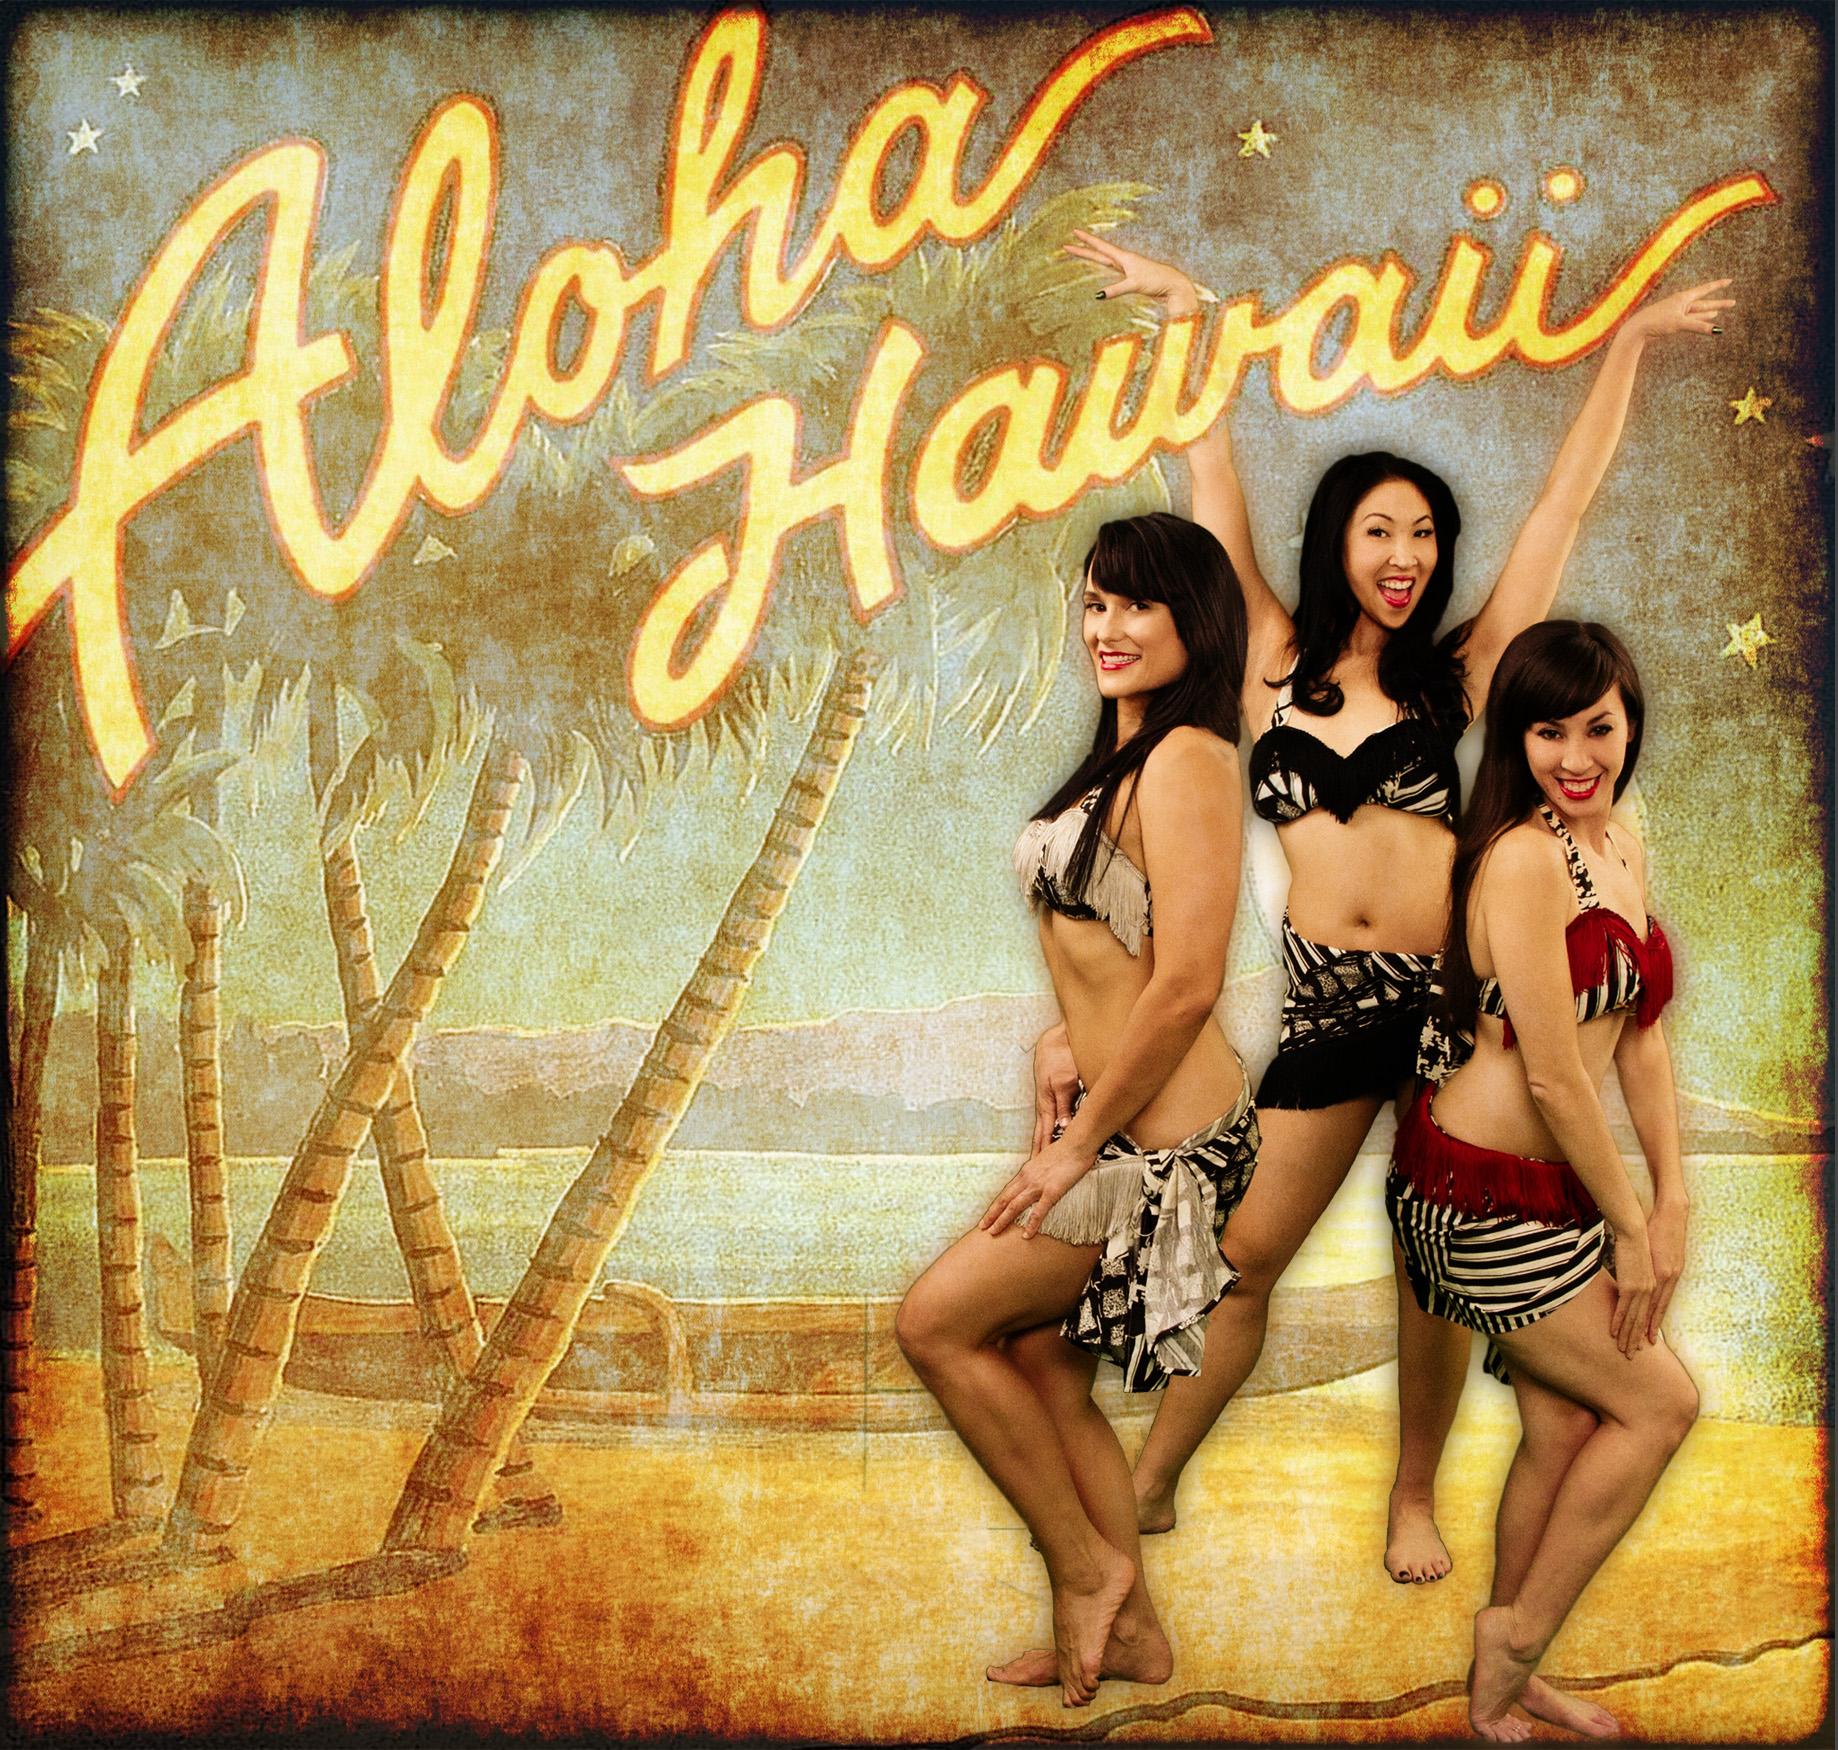 aloha_hawaii_postcard.jpg